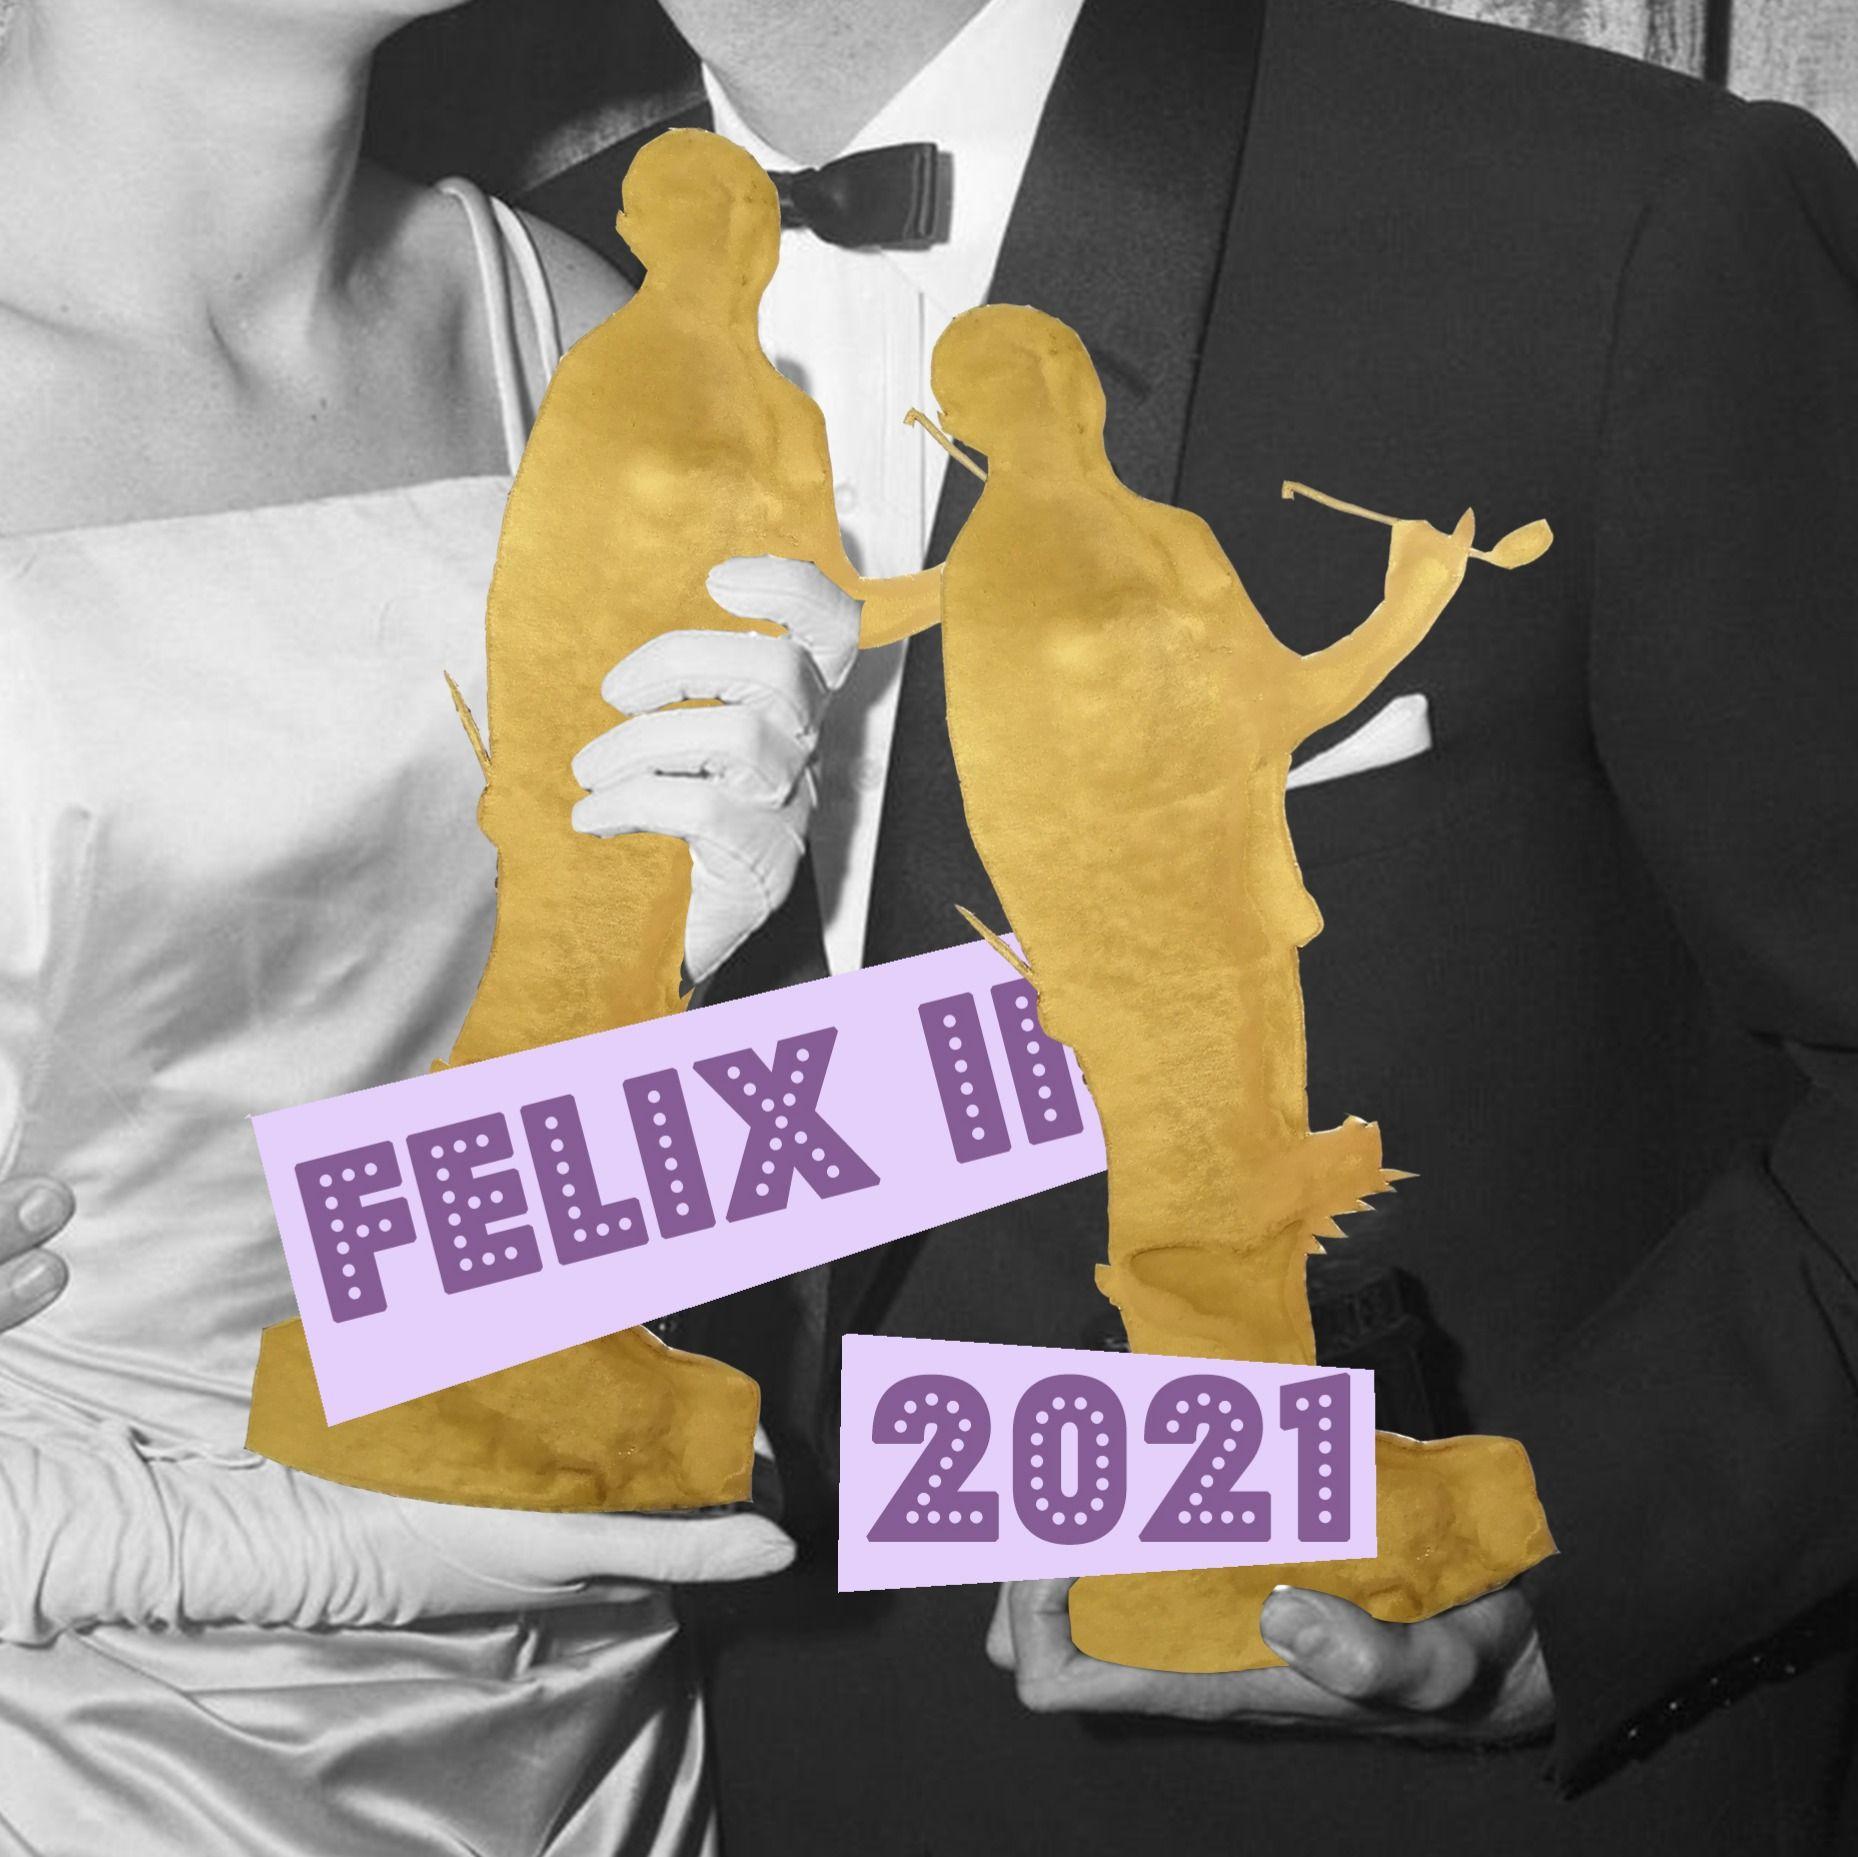 Die zweiten jährlichen Felix Awards - Resi Thill